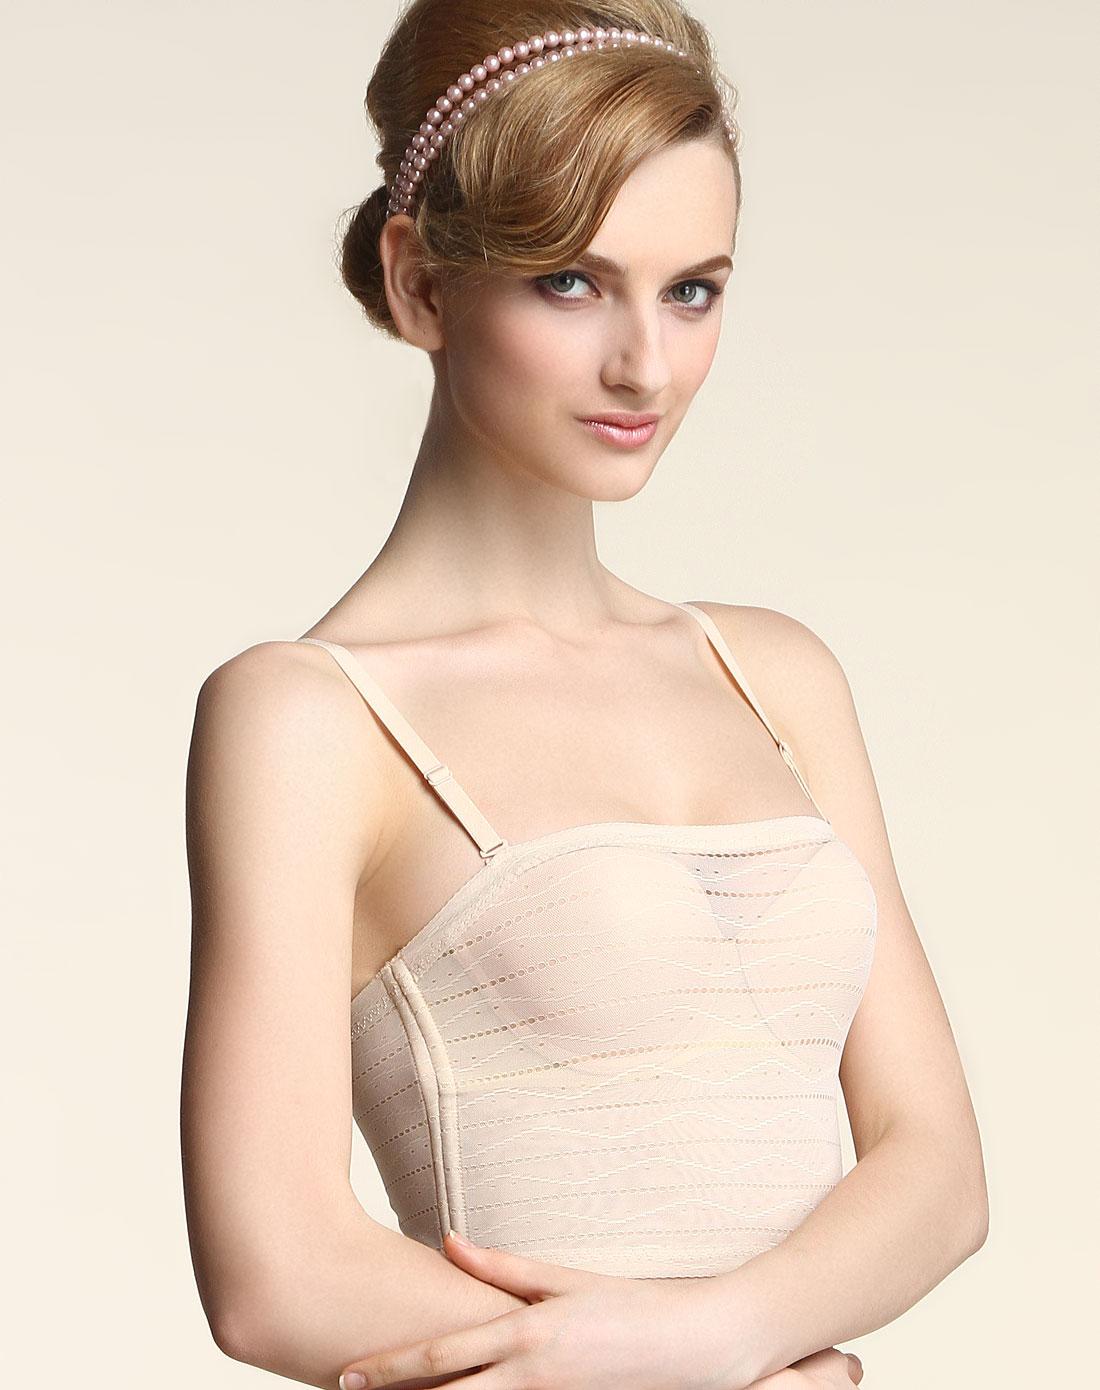 爱慕短款蕾丝背心式胸衣抹胸塑身文胸裹胸无痕防走光透气内衣正品